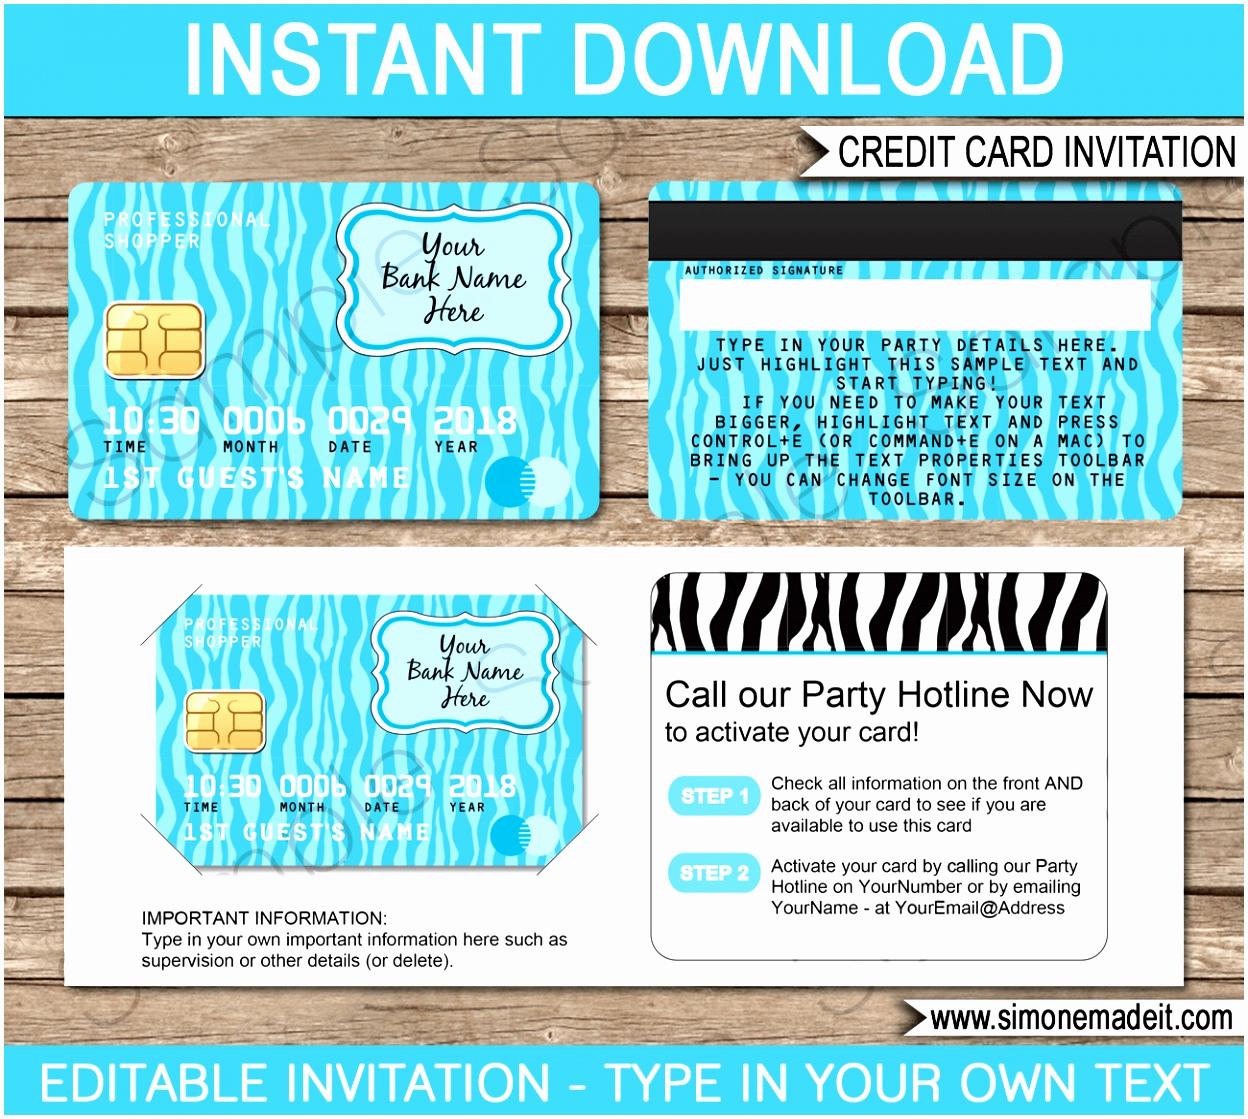 Credit Card Invitation Template Unique 8 Mall Scavenger Hunt Invitation Template Tuytw